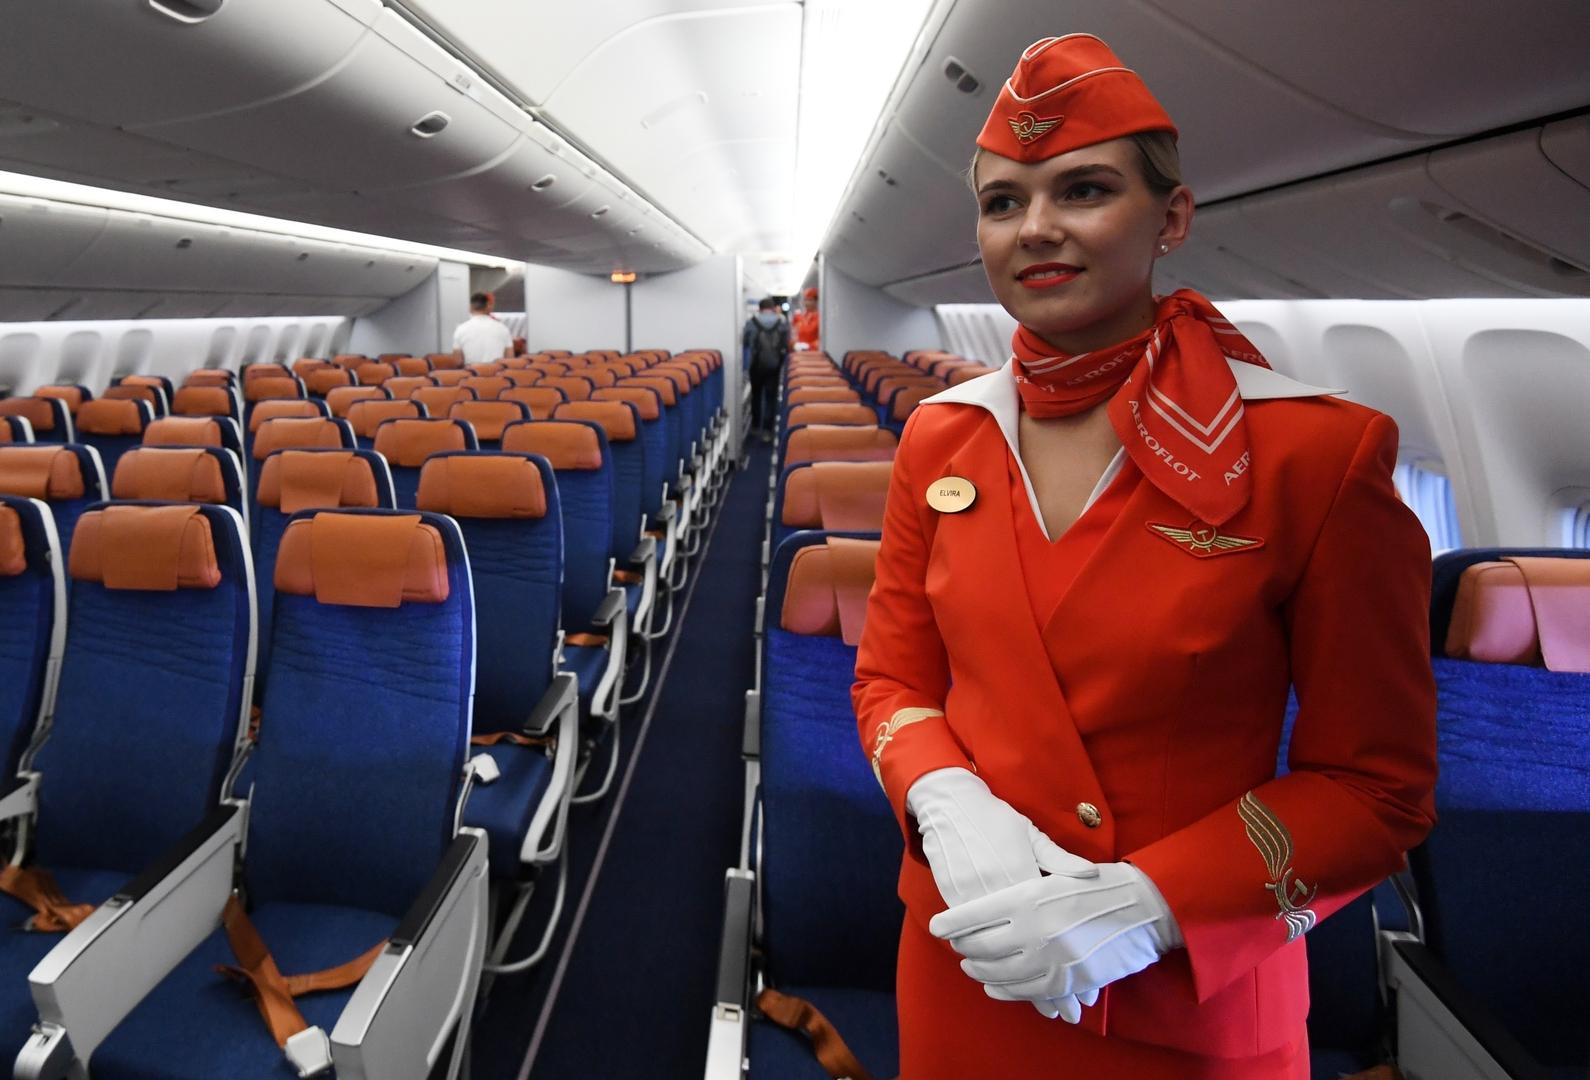 روسيا تستأنف الرحلات الجوية مع العراق و3 دول أخرى